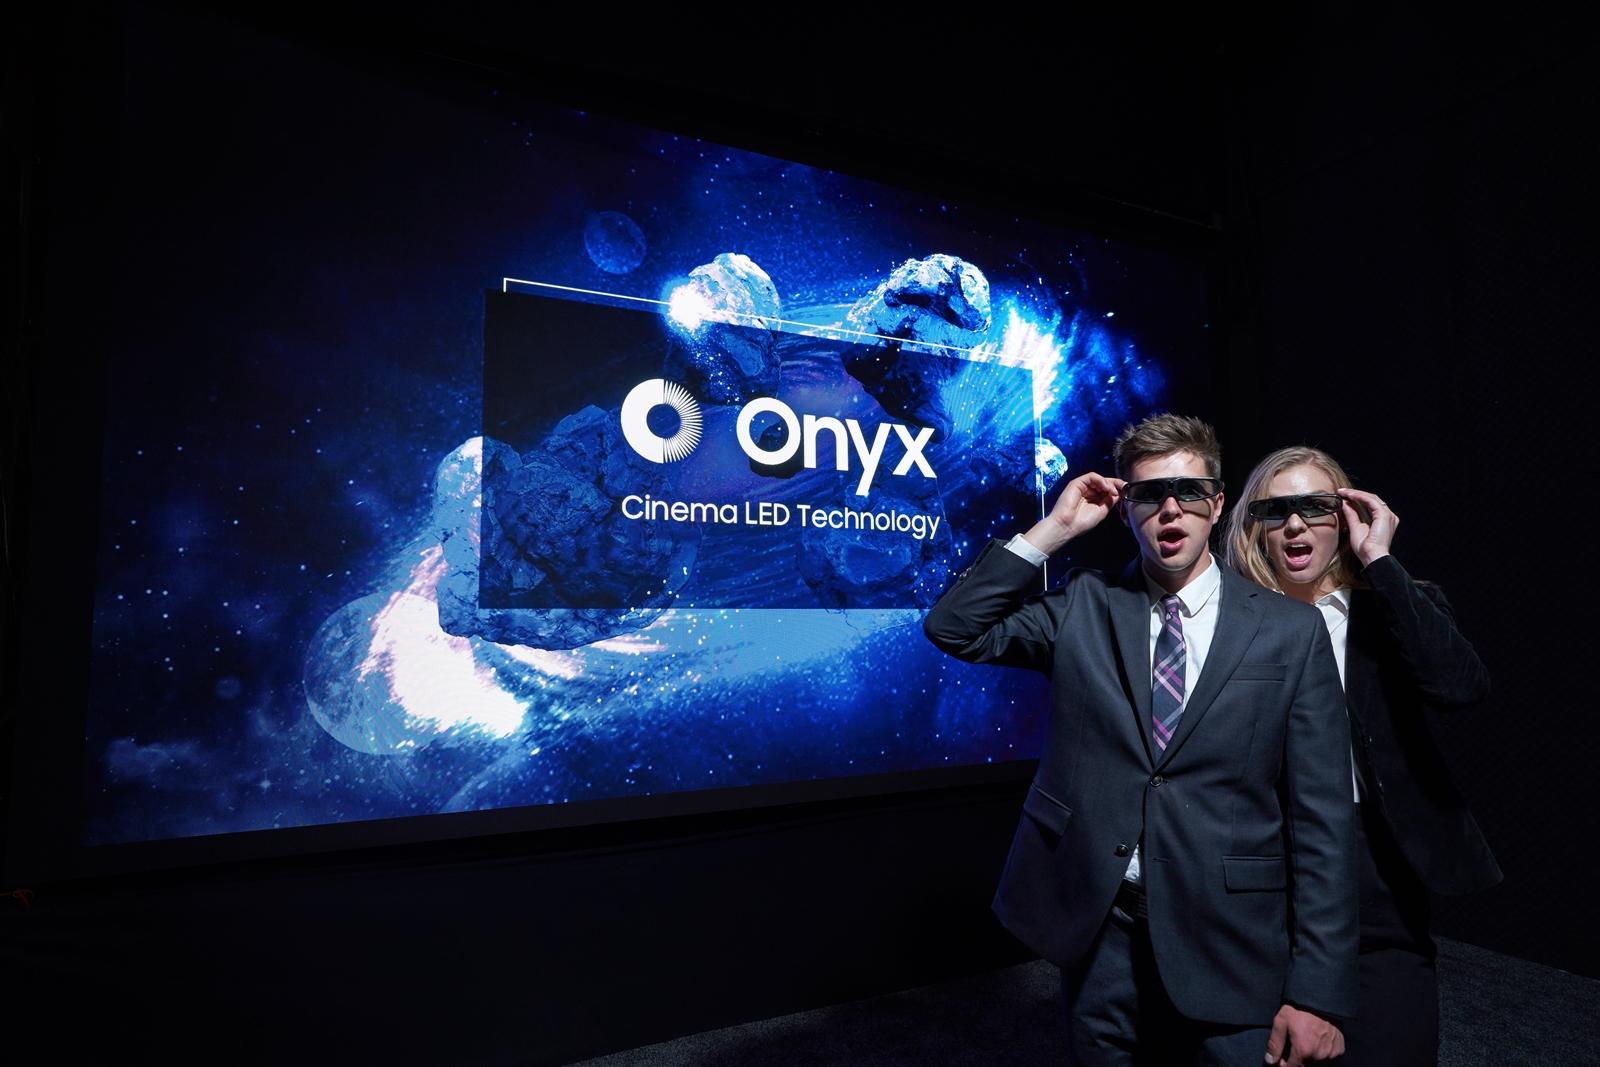 Samsung annuncia il più grande Onyx Cinema LED a Pechino 1